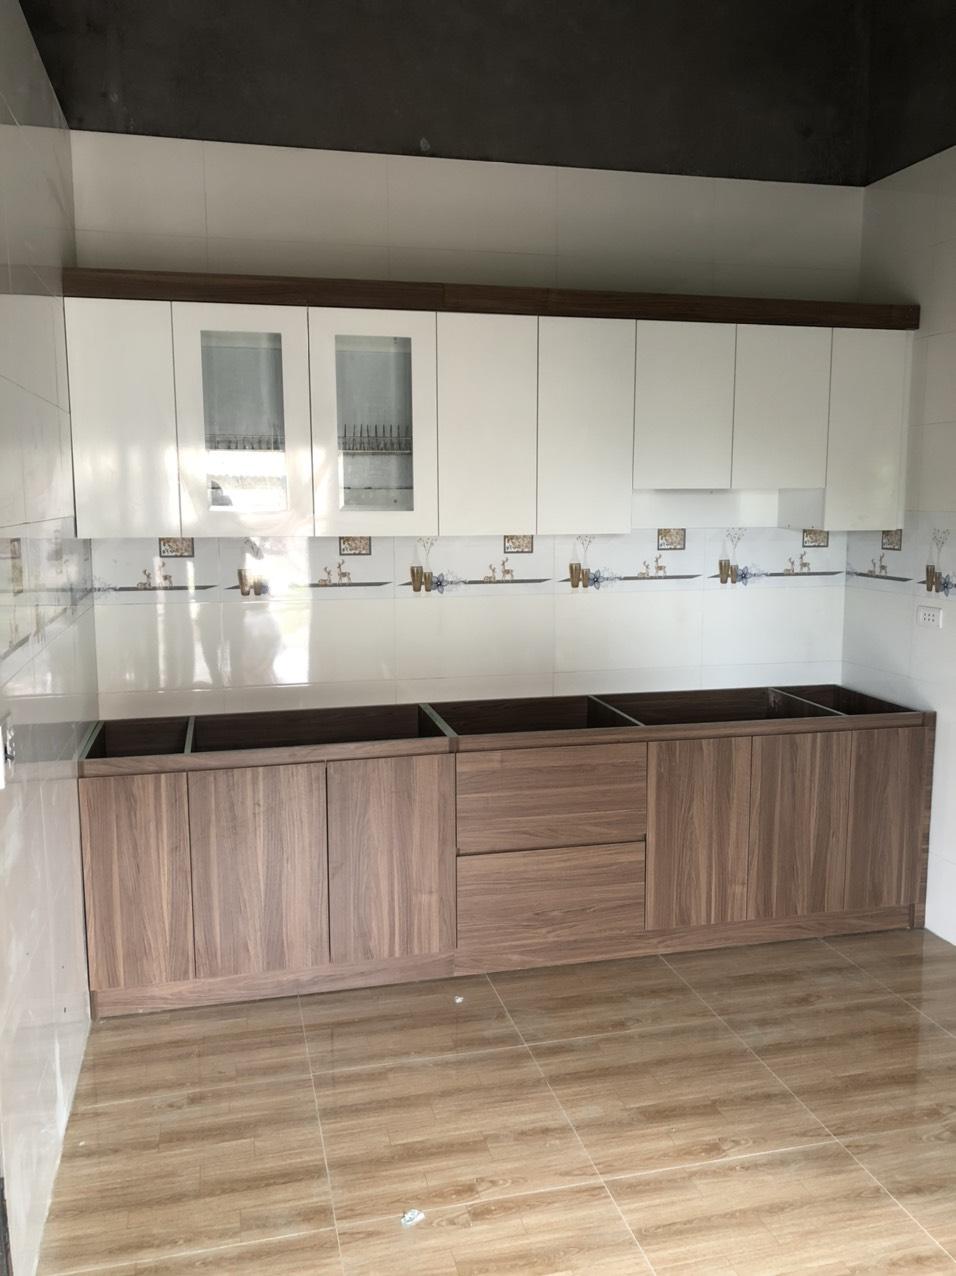 Mẫu tủ bếp melamine giá rẻ được thiết kế tủ dưới màu vân gỗ tủ bếp trên màu trắng